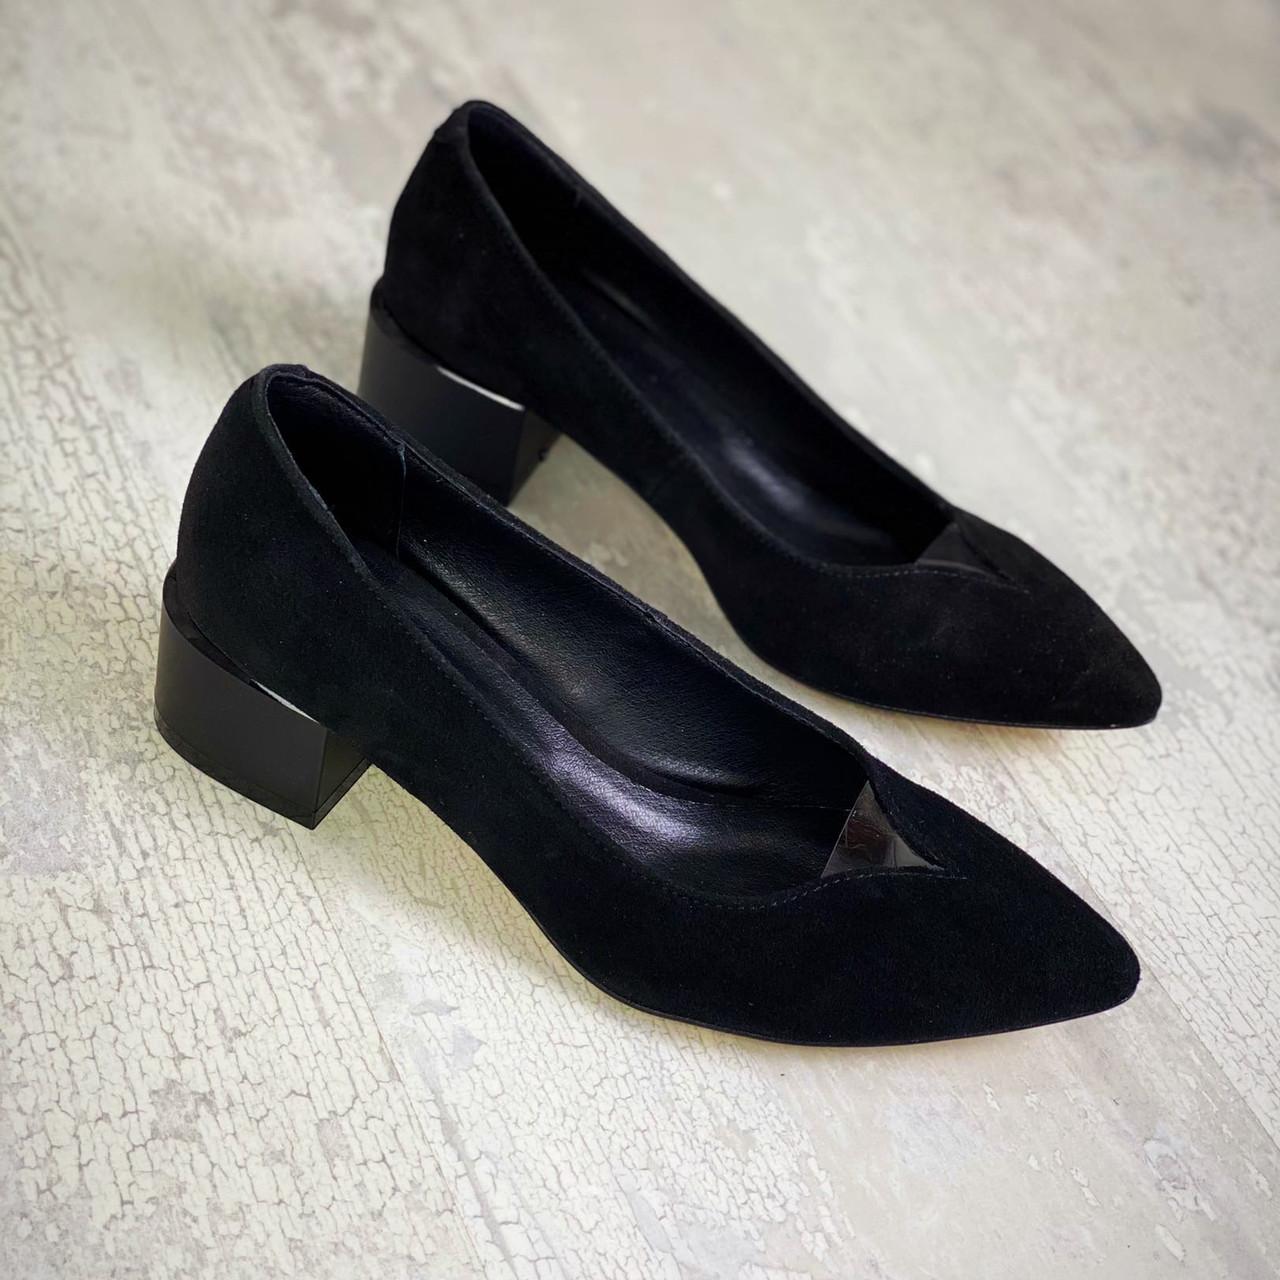 Жіночі замшеві туфлі на міні підборах 36-40 р чорний